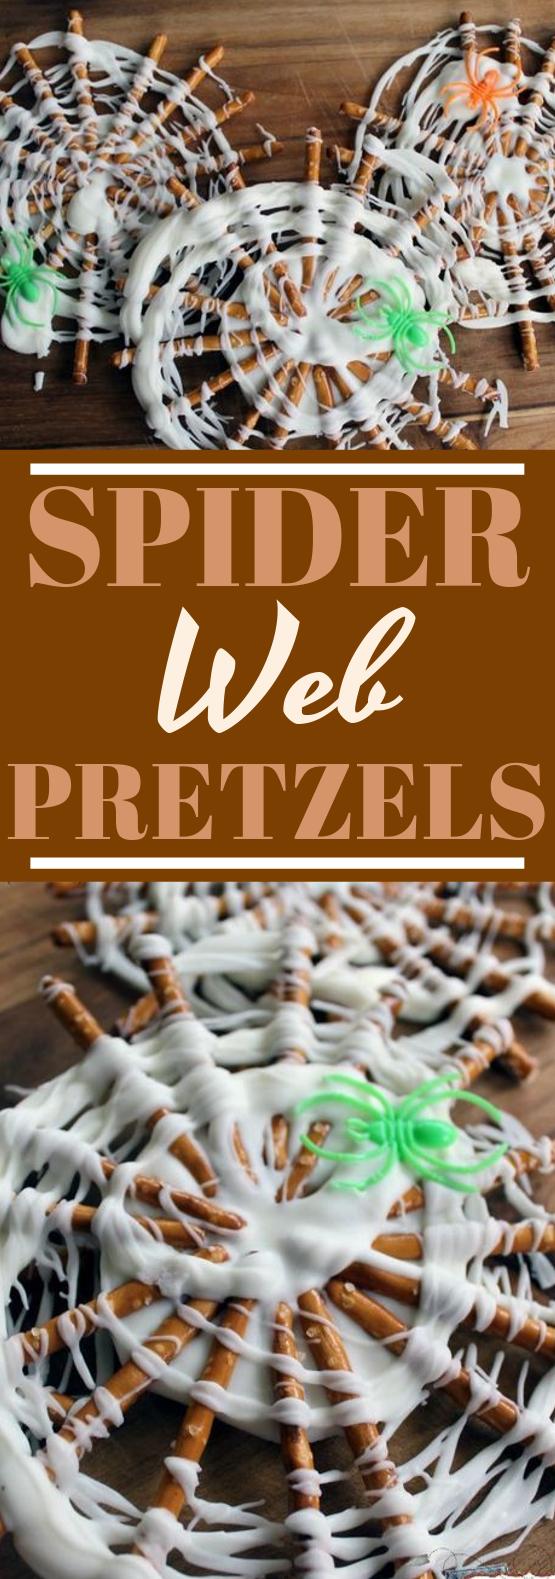 Spider Web Pretzels #desserts #party #halloween #recipes #nobake